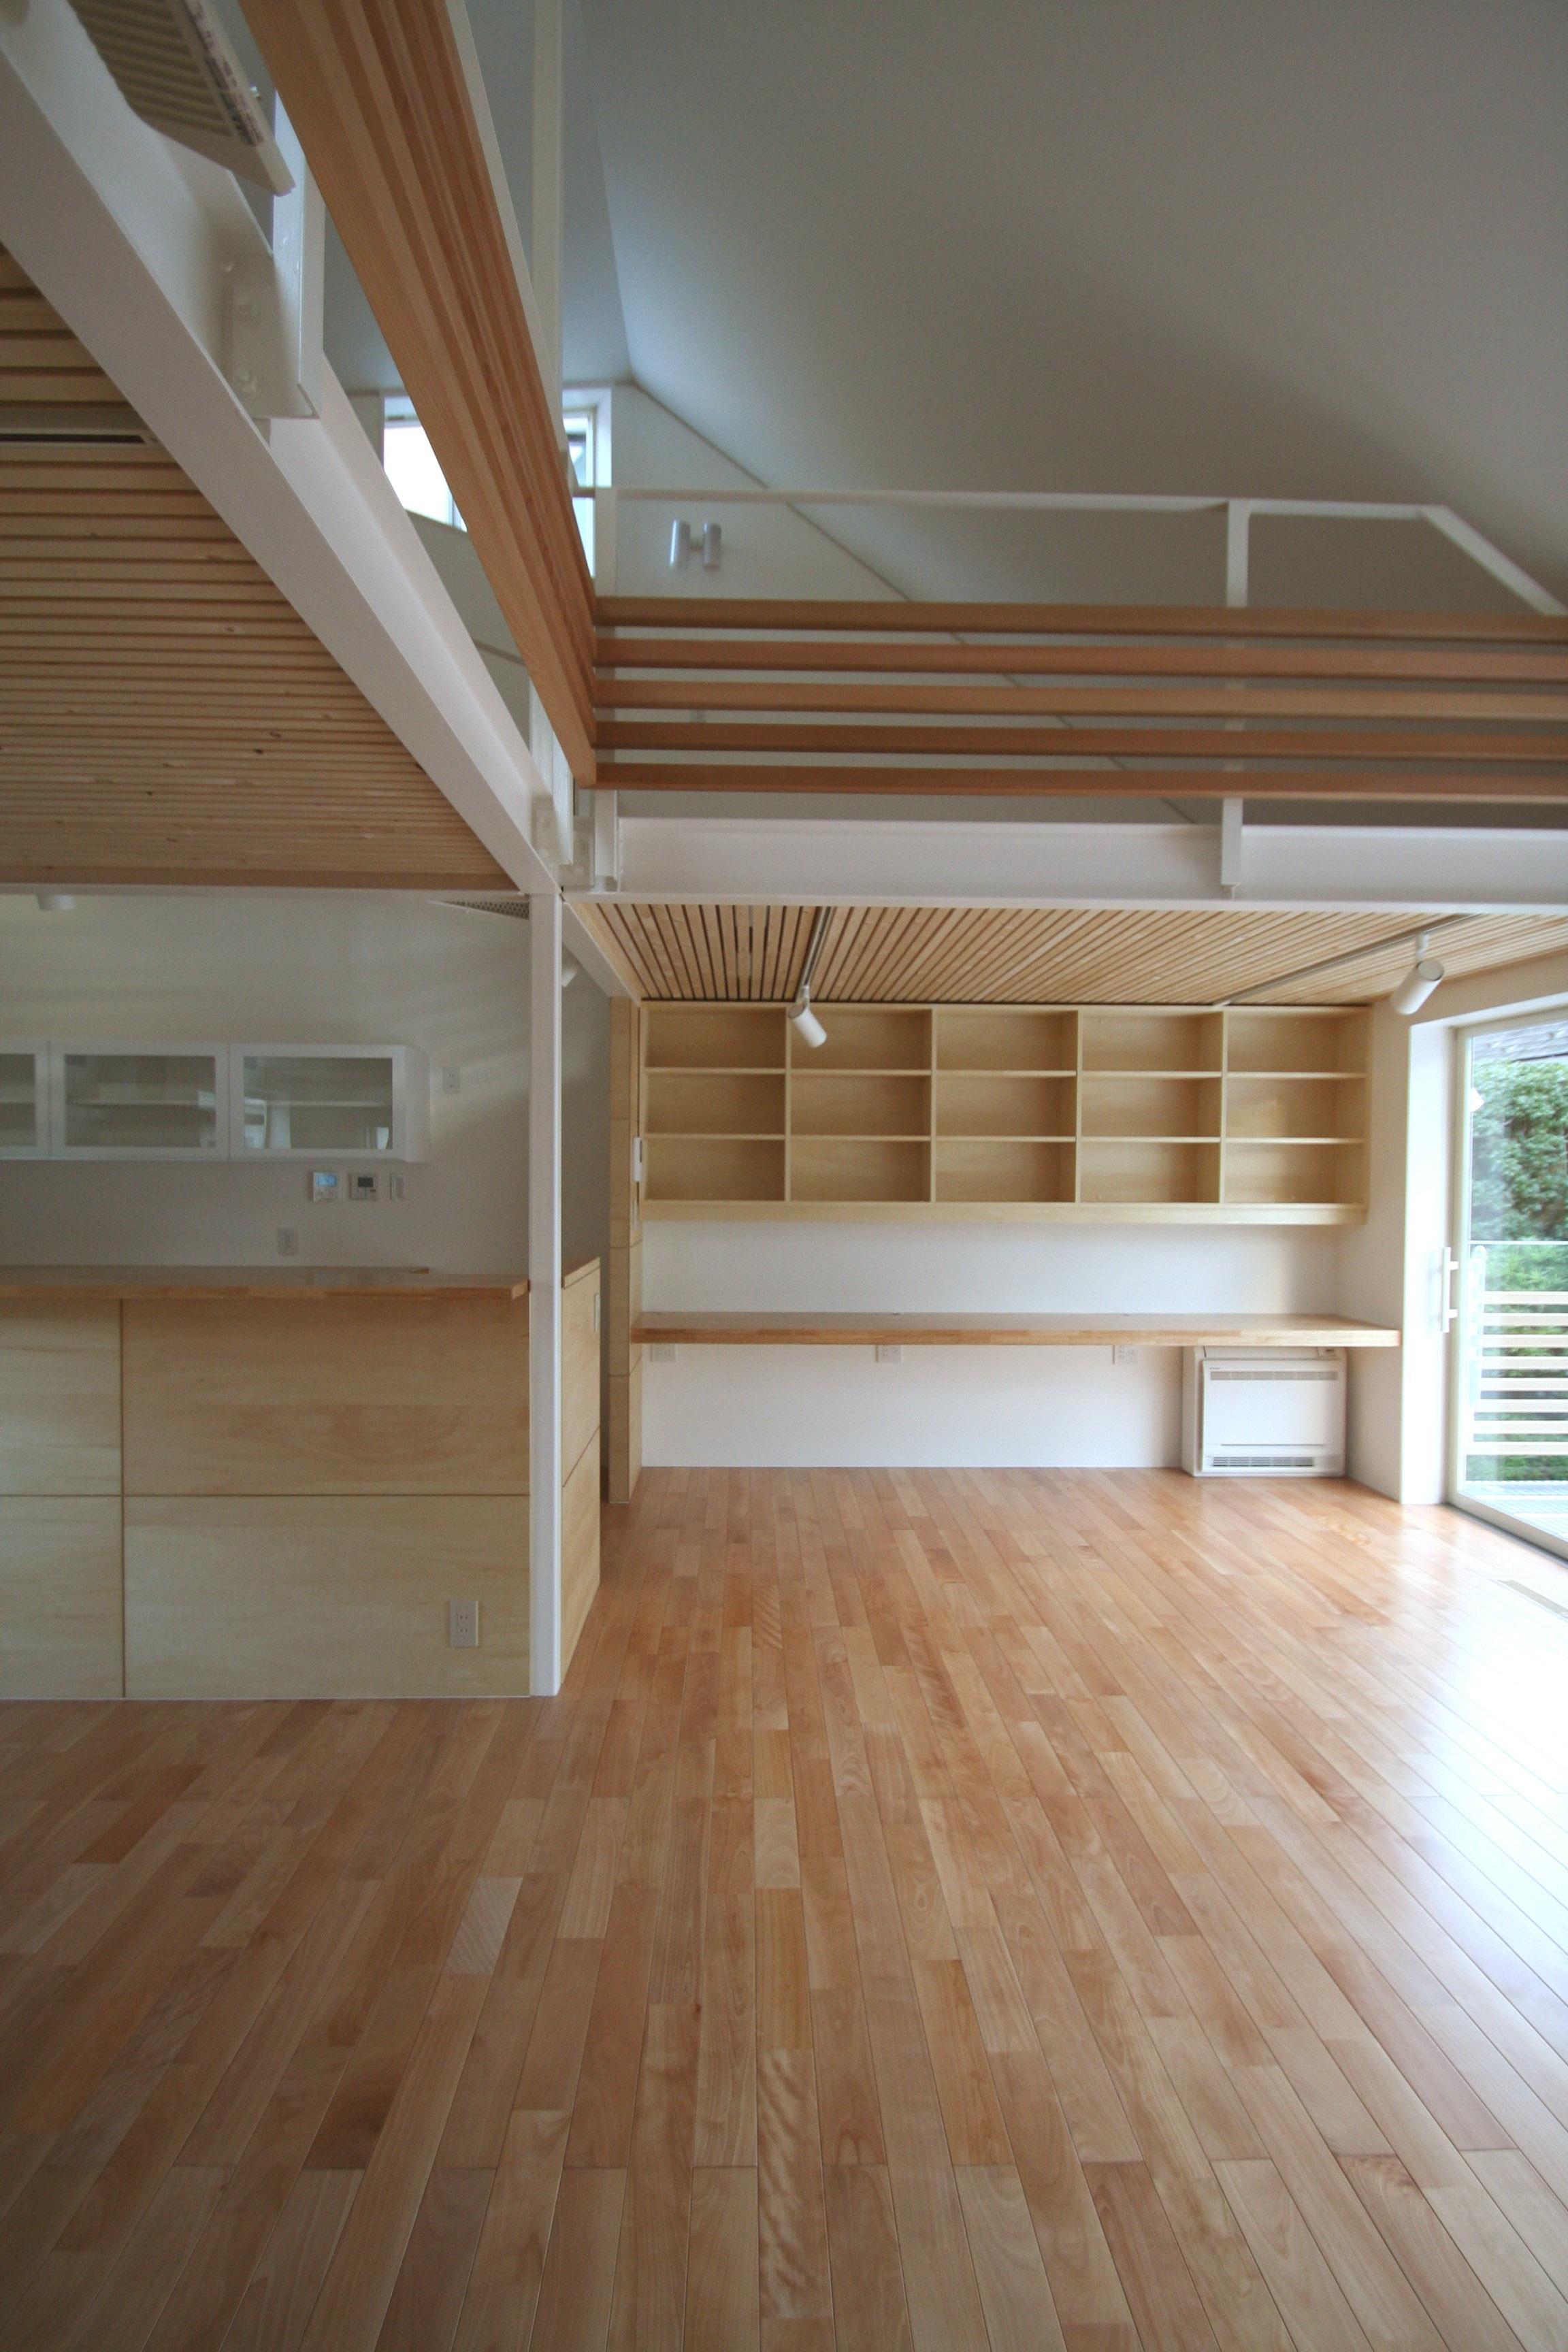 柿の木坂-Tの部屋 高低差のあるメリハリの効いた空間